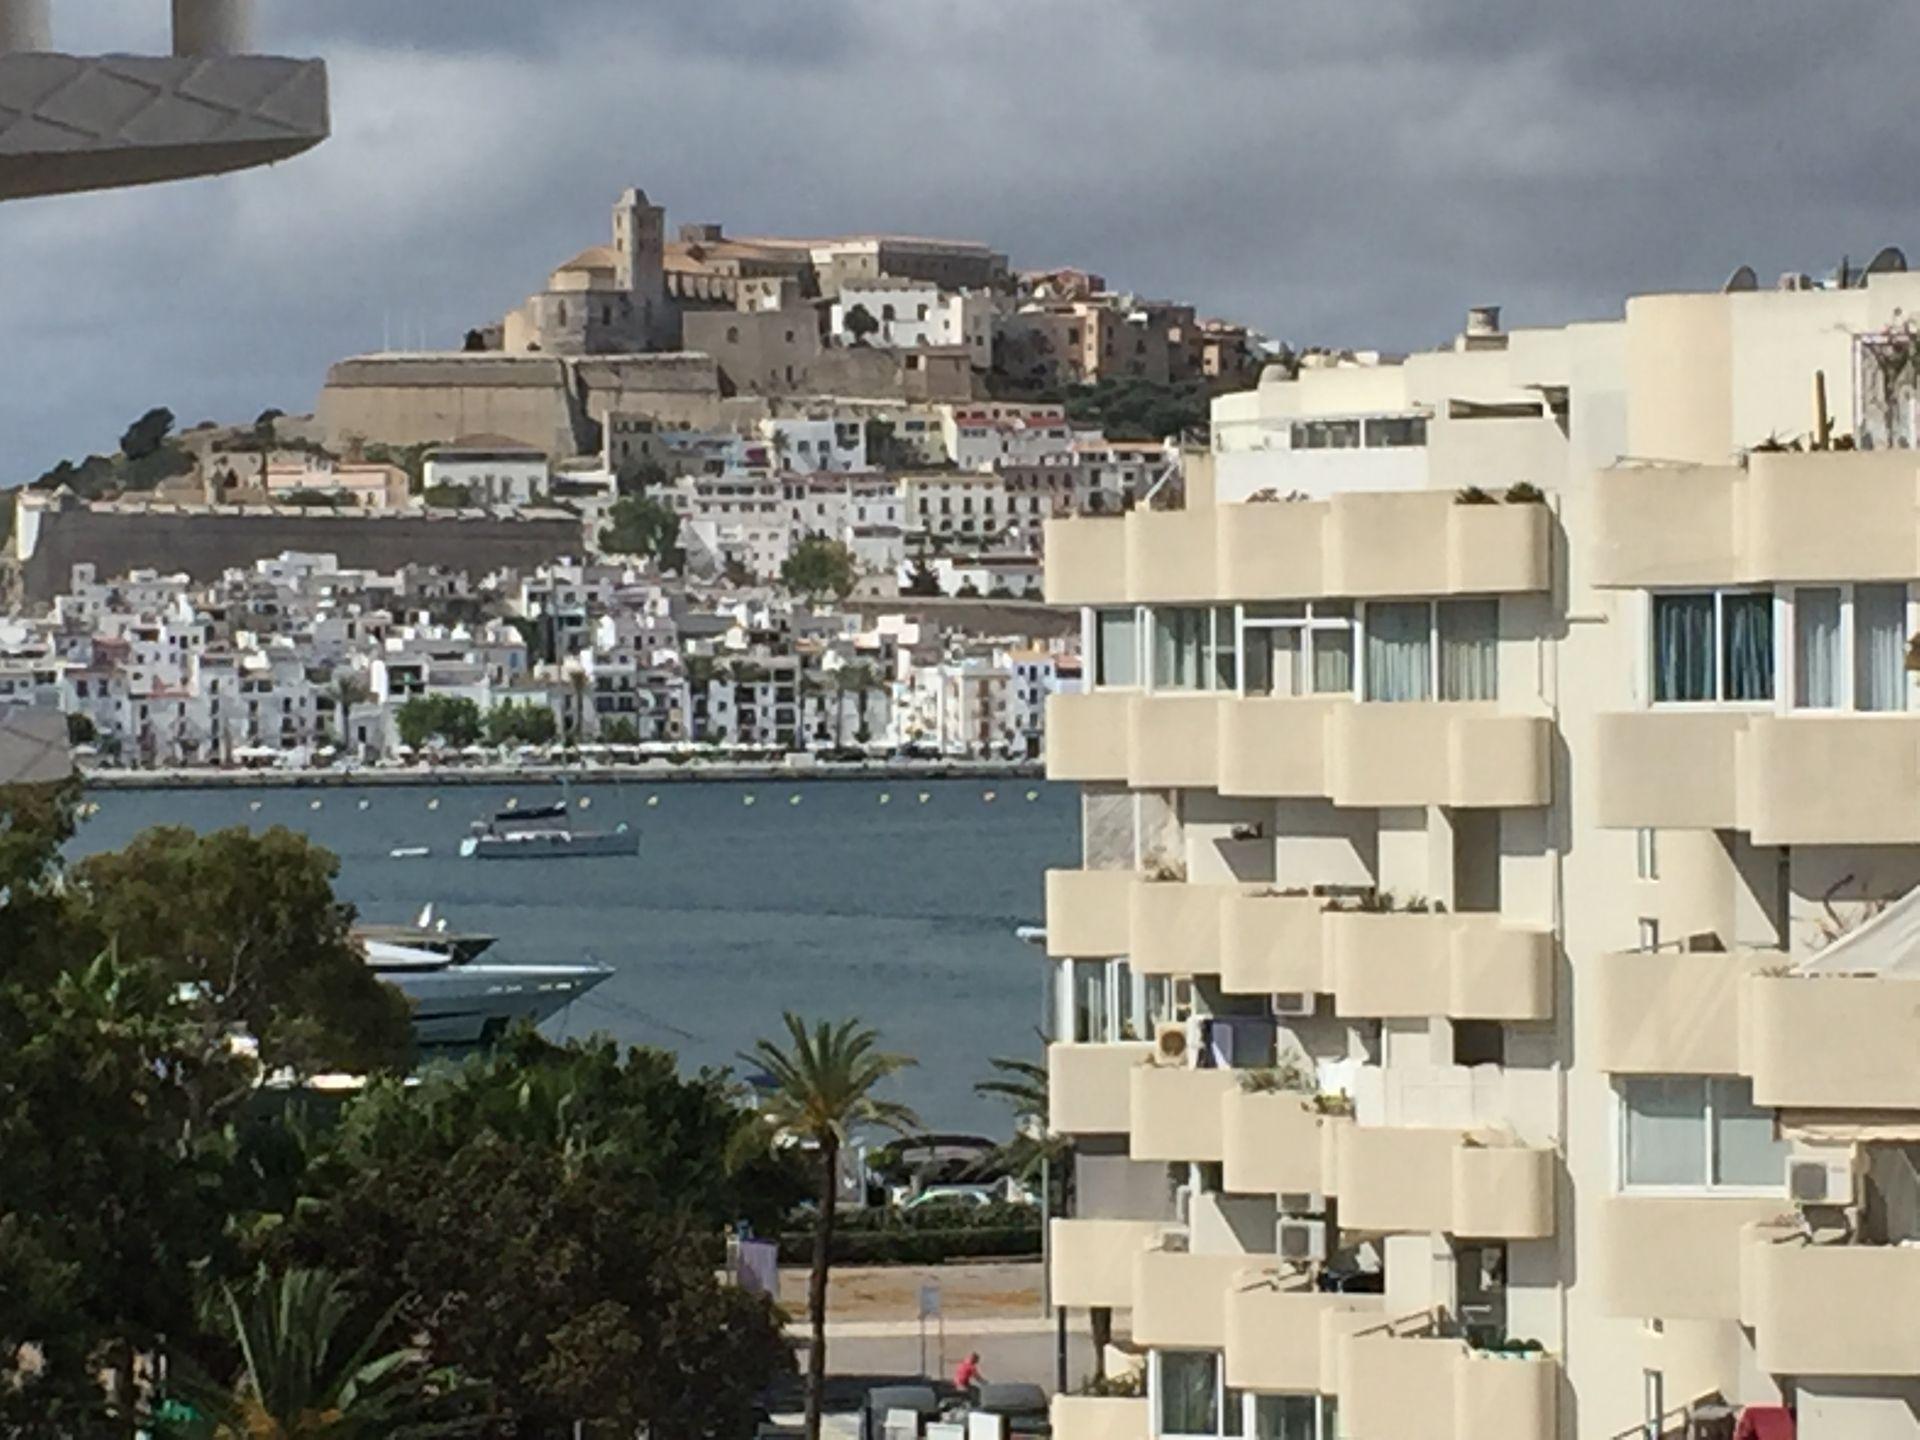 Àtic a Ibiza, botafoch, en venda